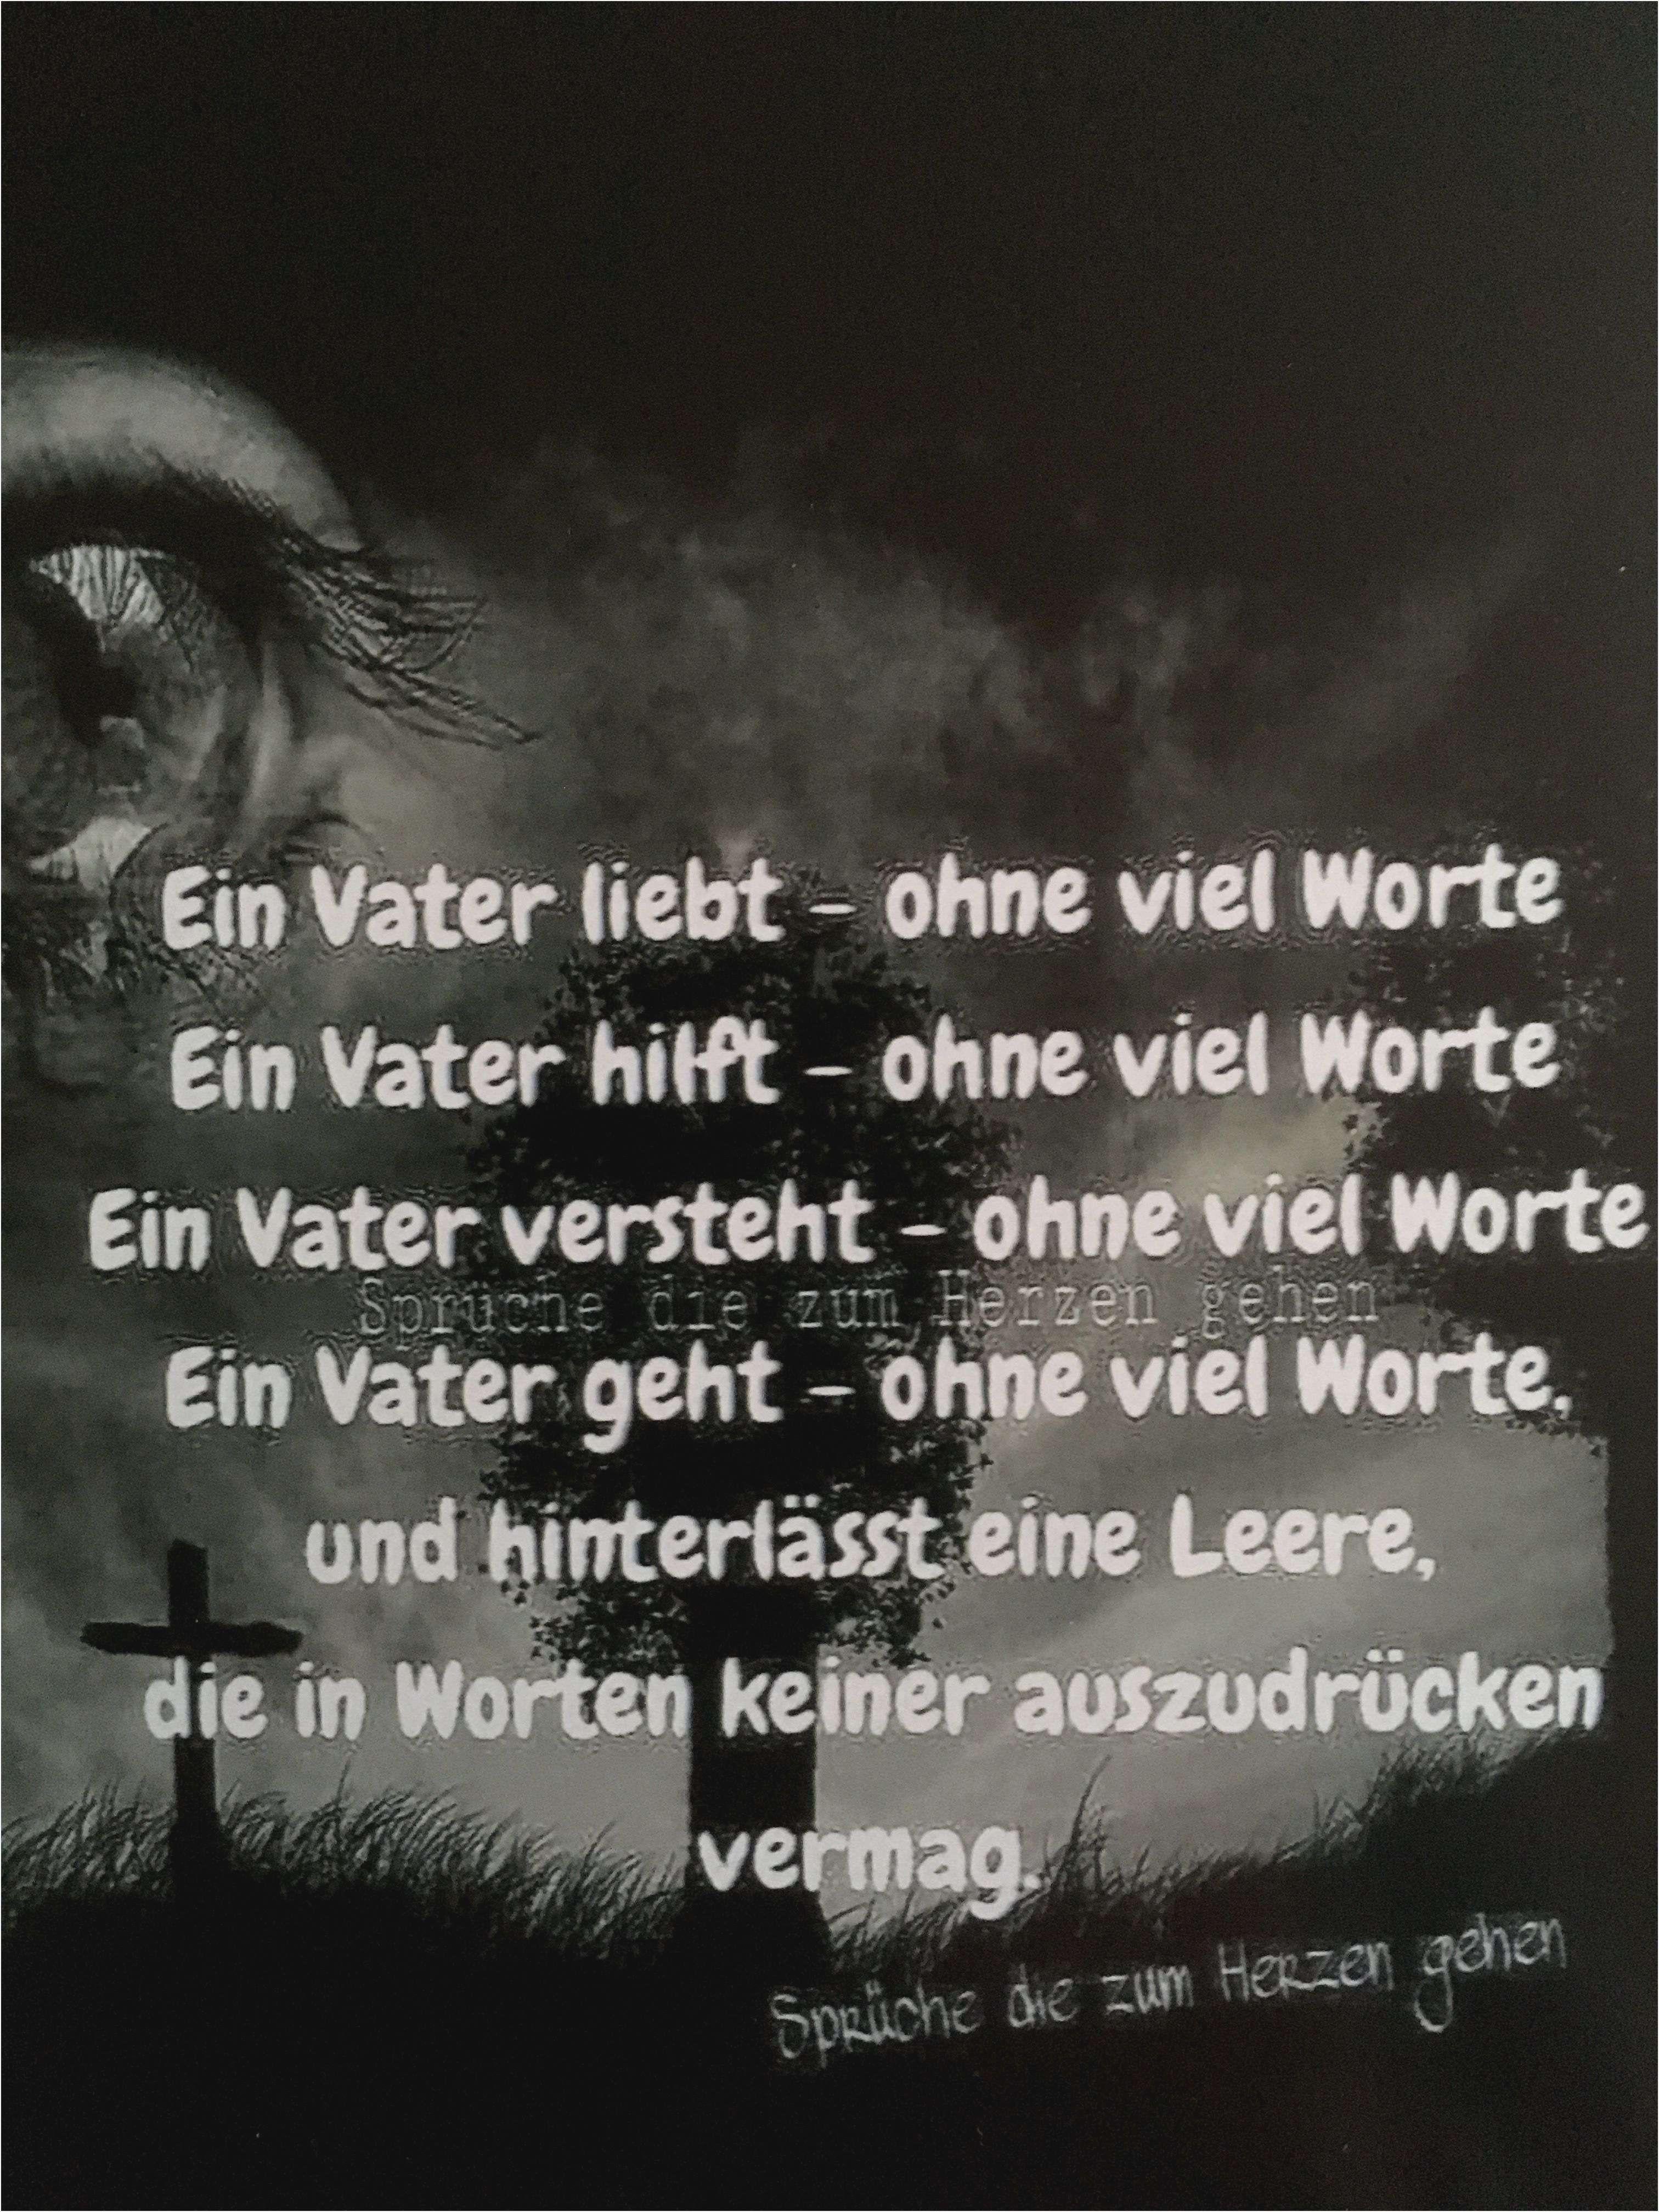 Trauerspruch Kurz Für Karte.Trauerspruch Kurz Karte Schön Trauer Zitate Jyipp Com Citáty